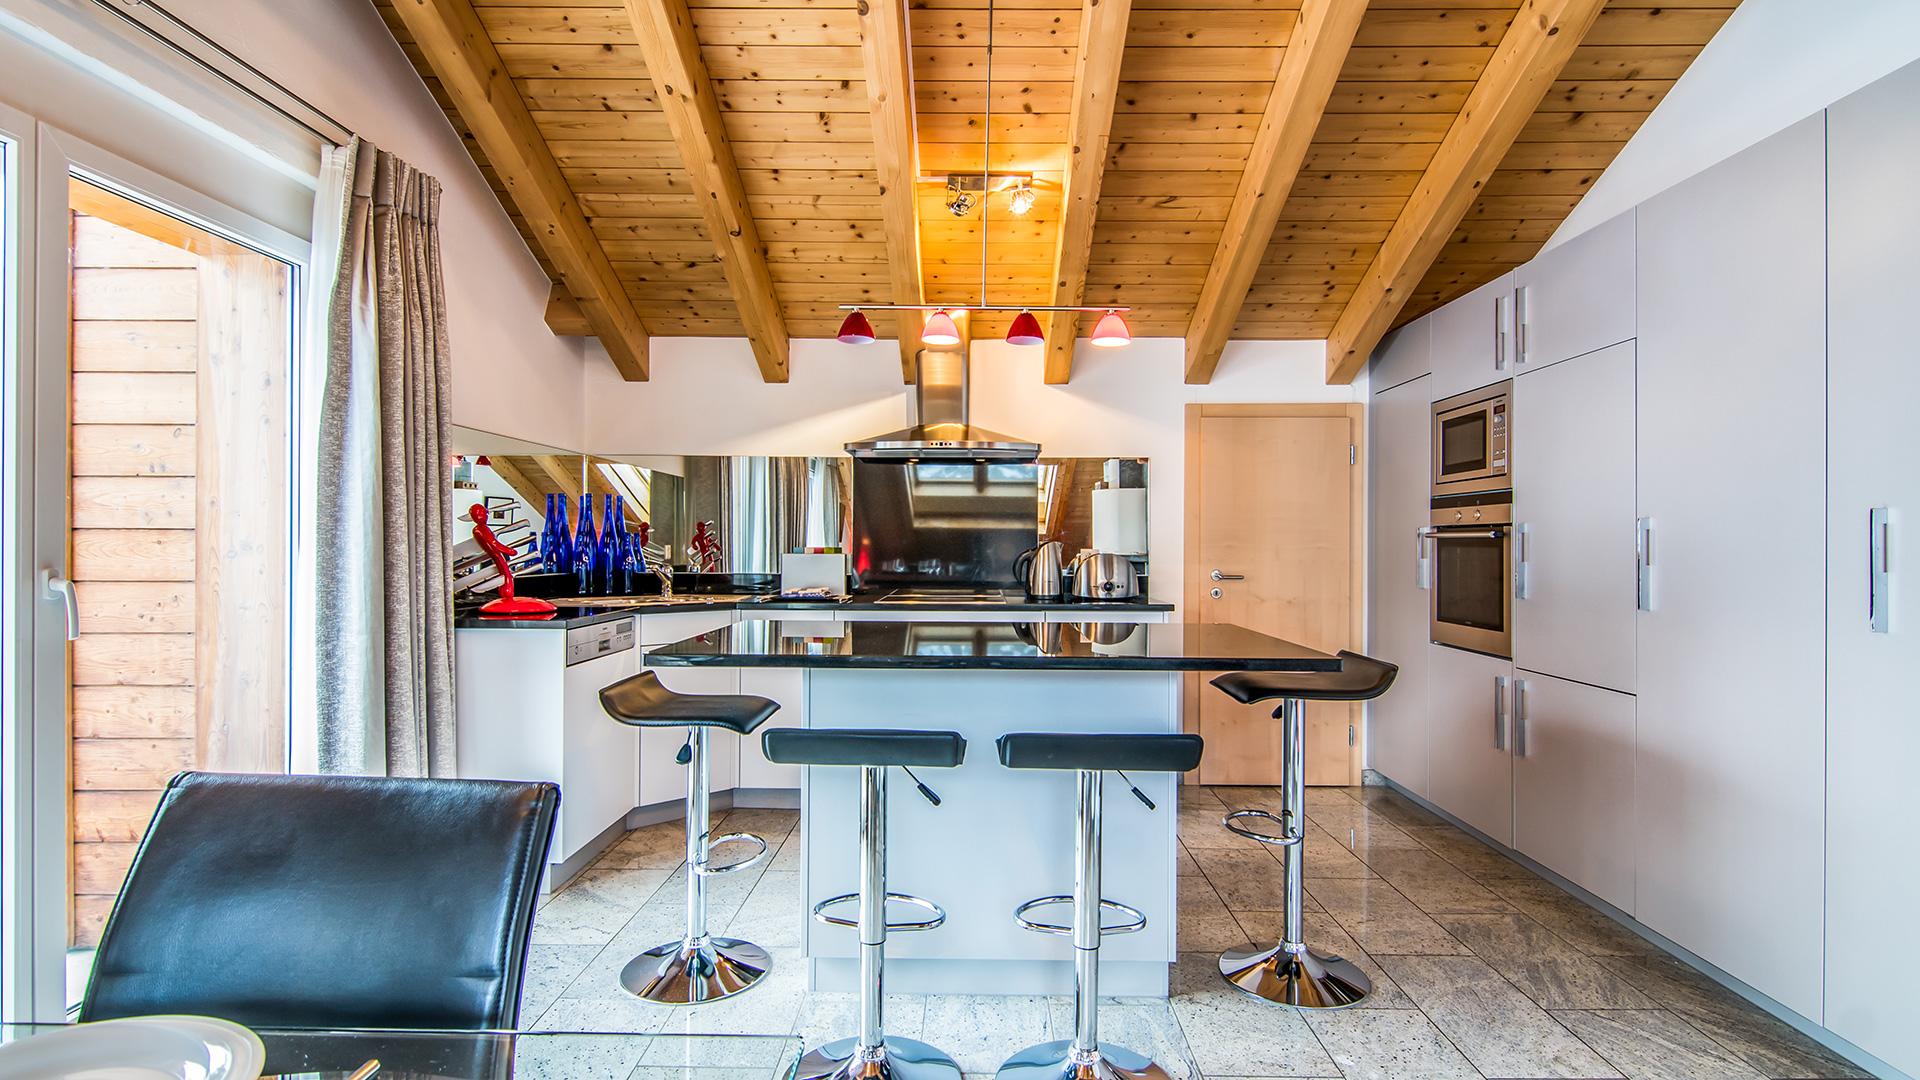 Haus Cornelia Penthouse Apartments, Switzerland